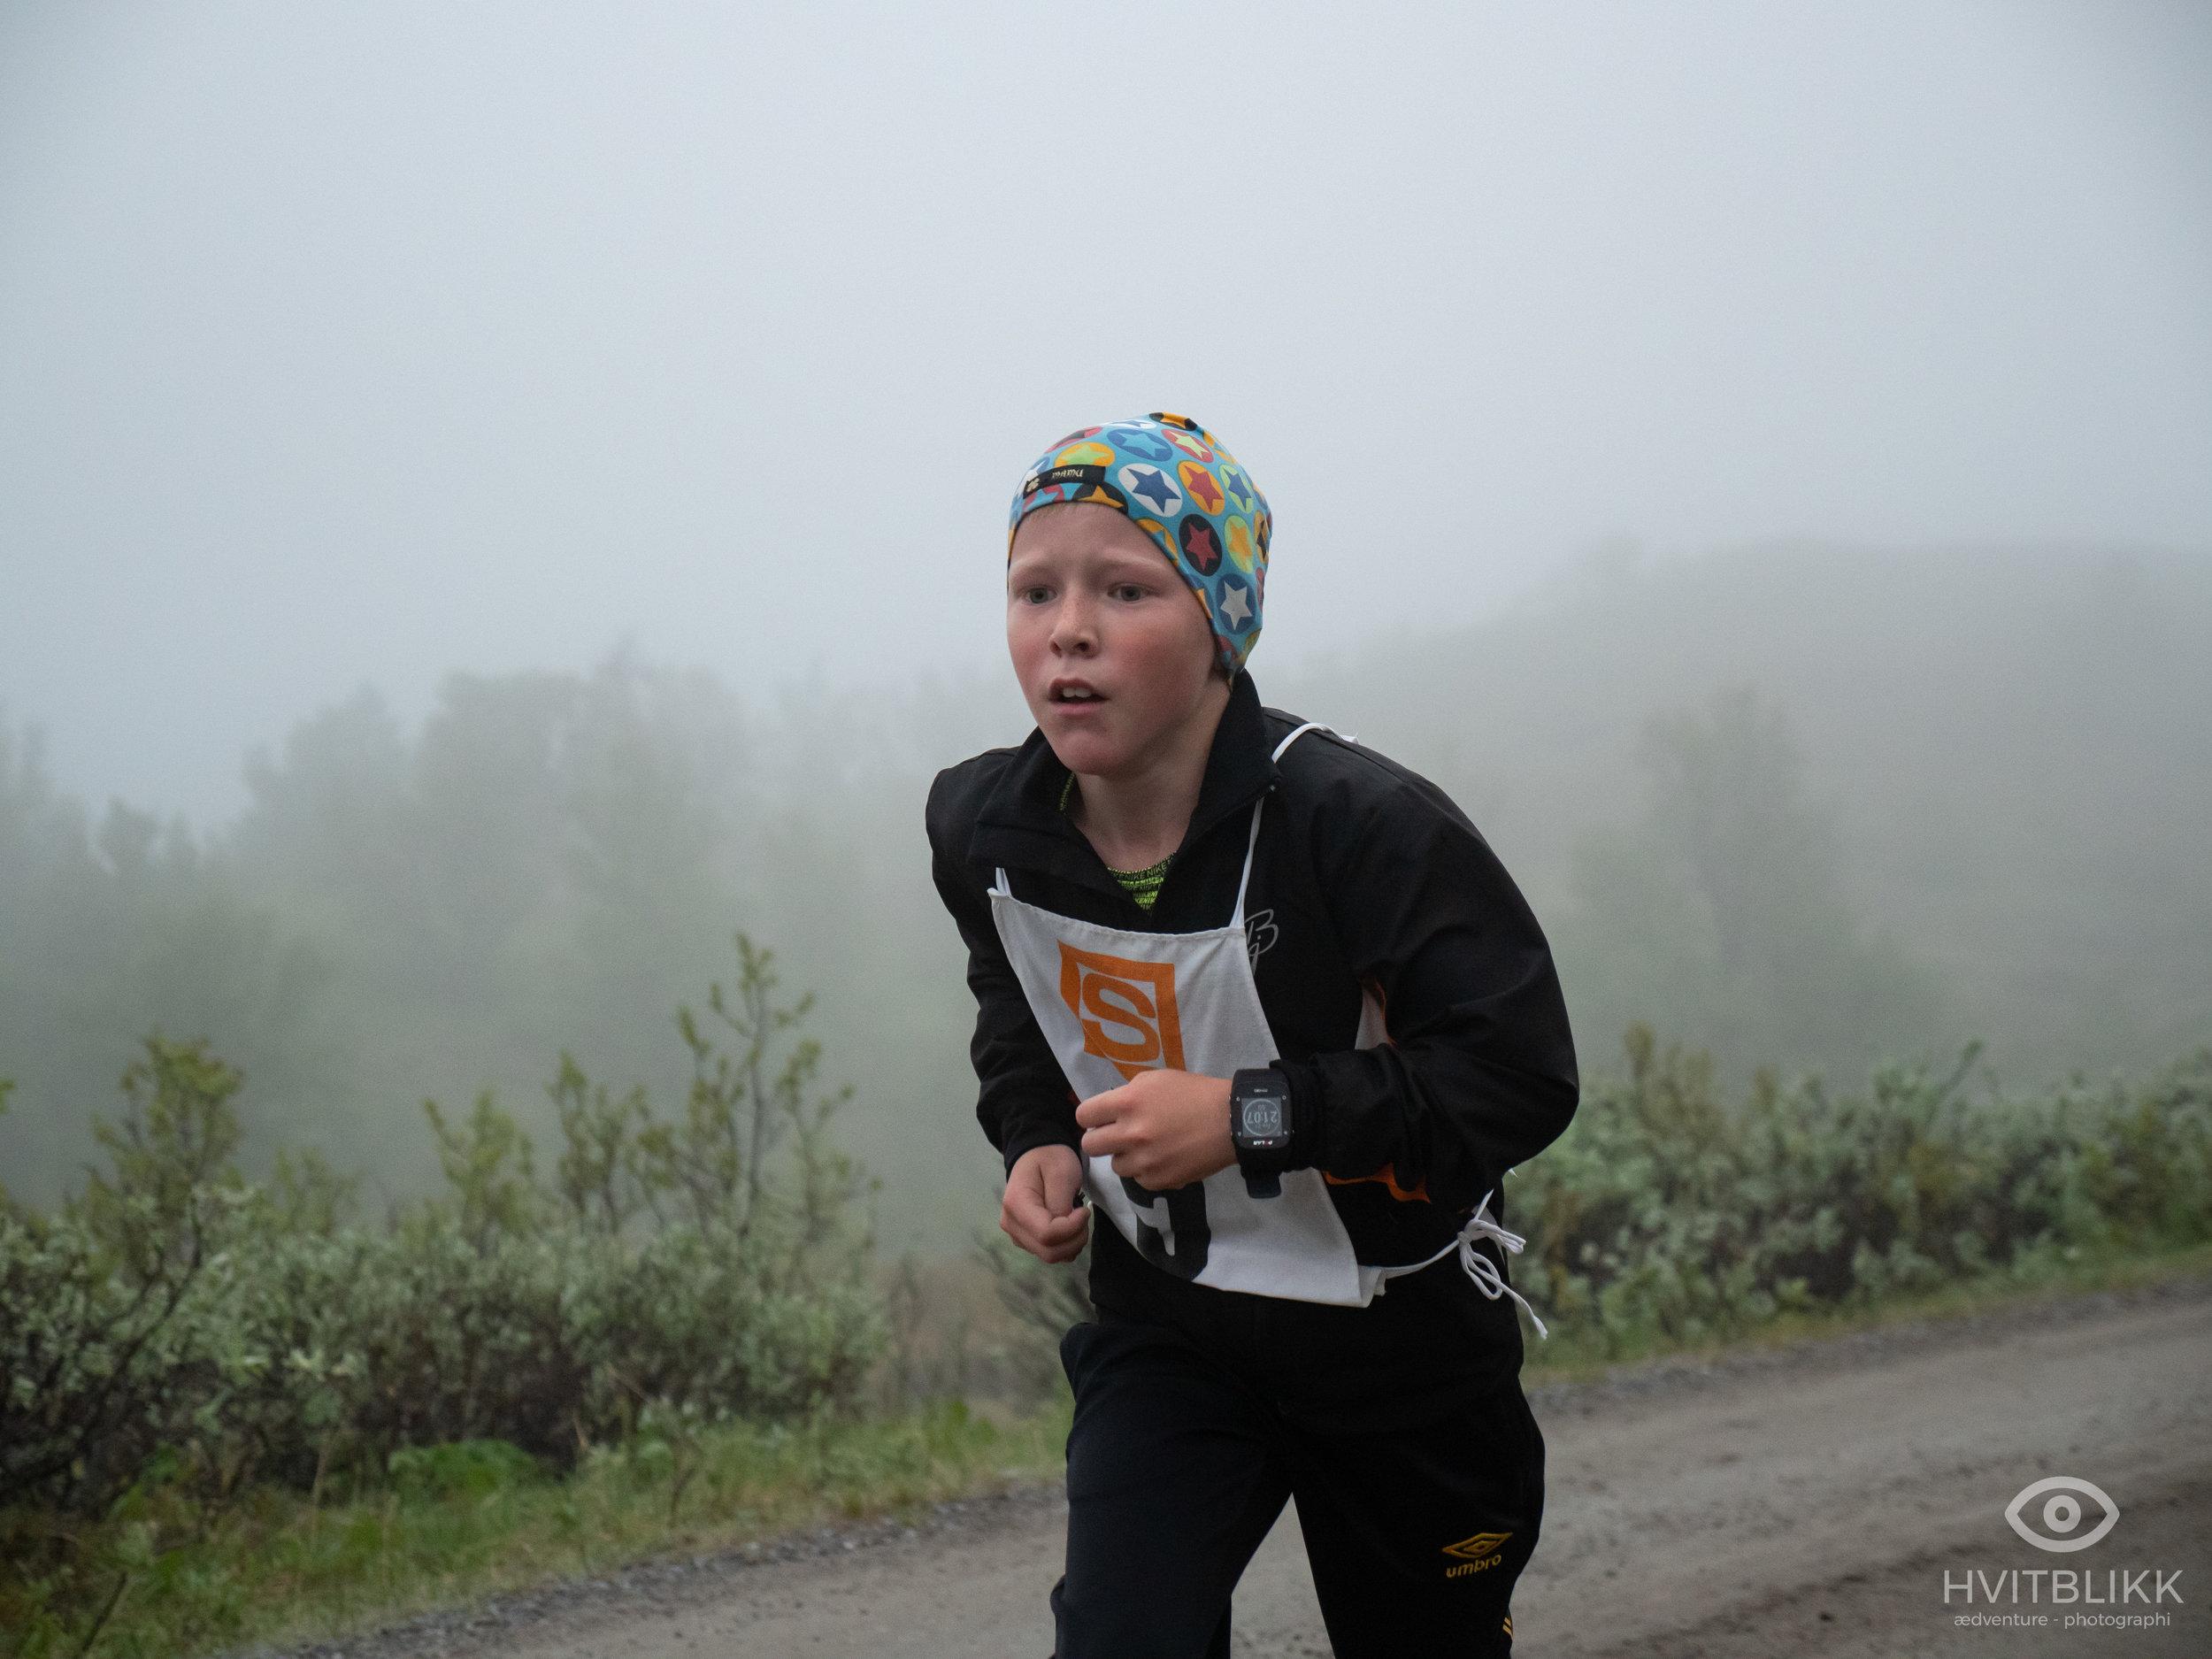 Ellingjord-Hvitblikk_20190621NOR3404.jpg